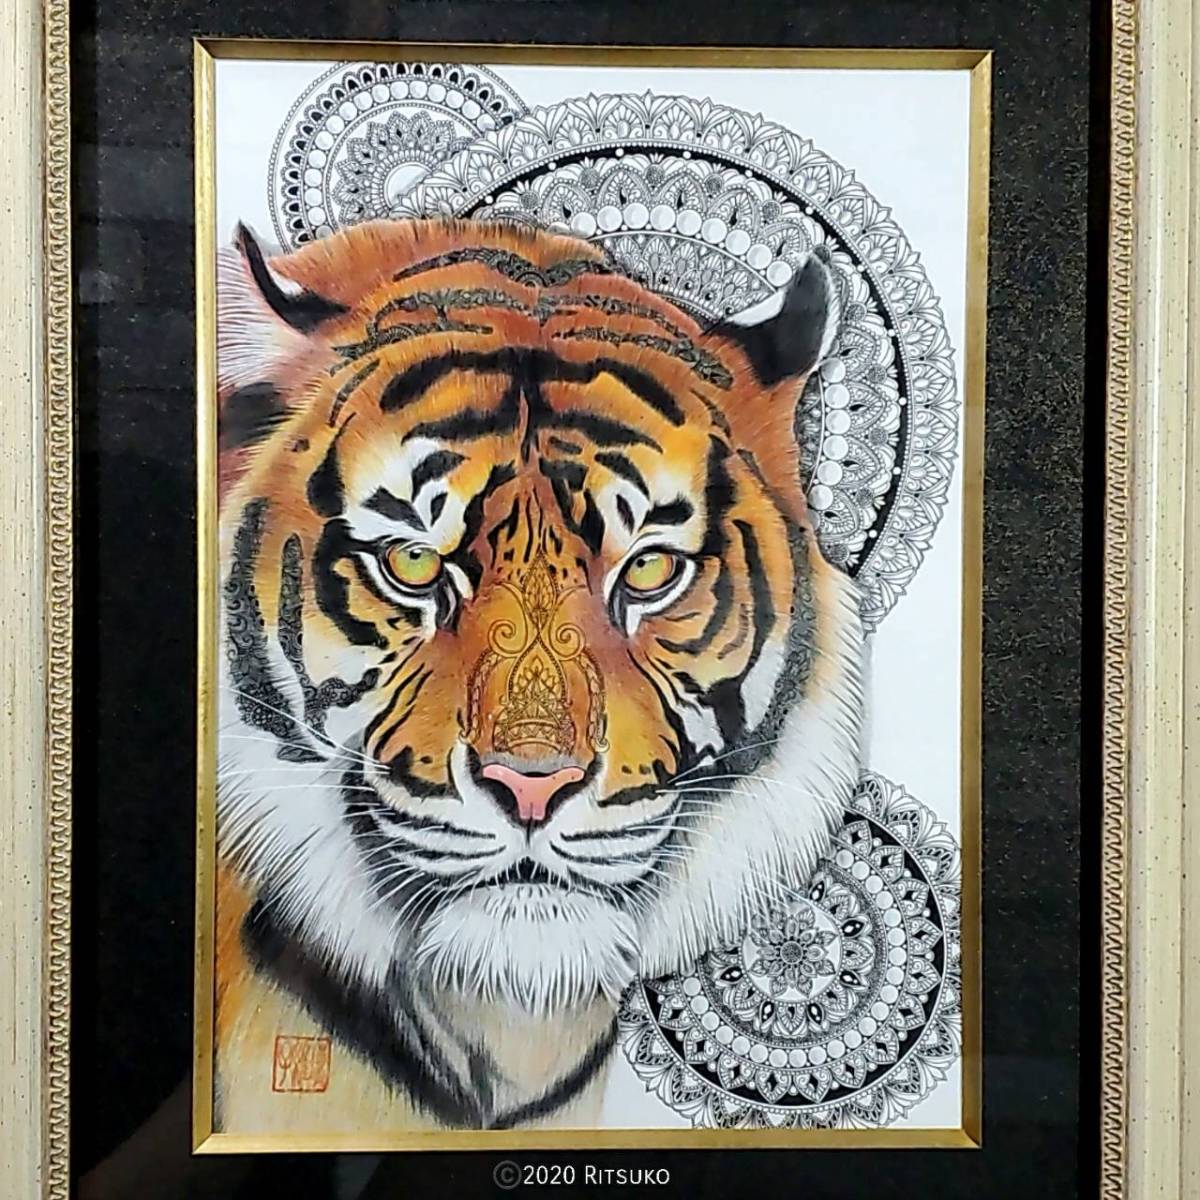 原画 1点もの 色鉛筆画 ボールペン画 日本人作家 虎 トラ 絵画 絵 アート インテリア 開運 虎の絵_画像1